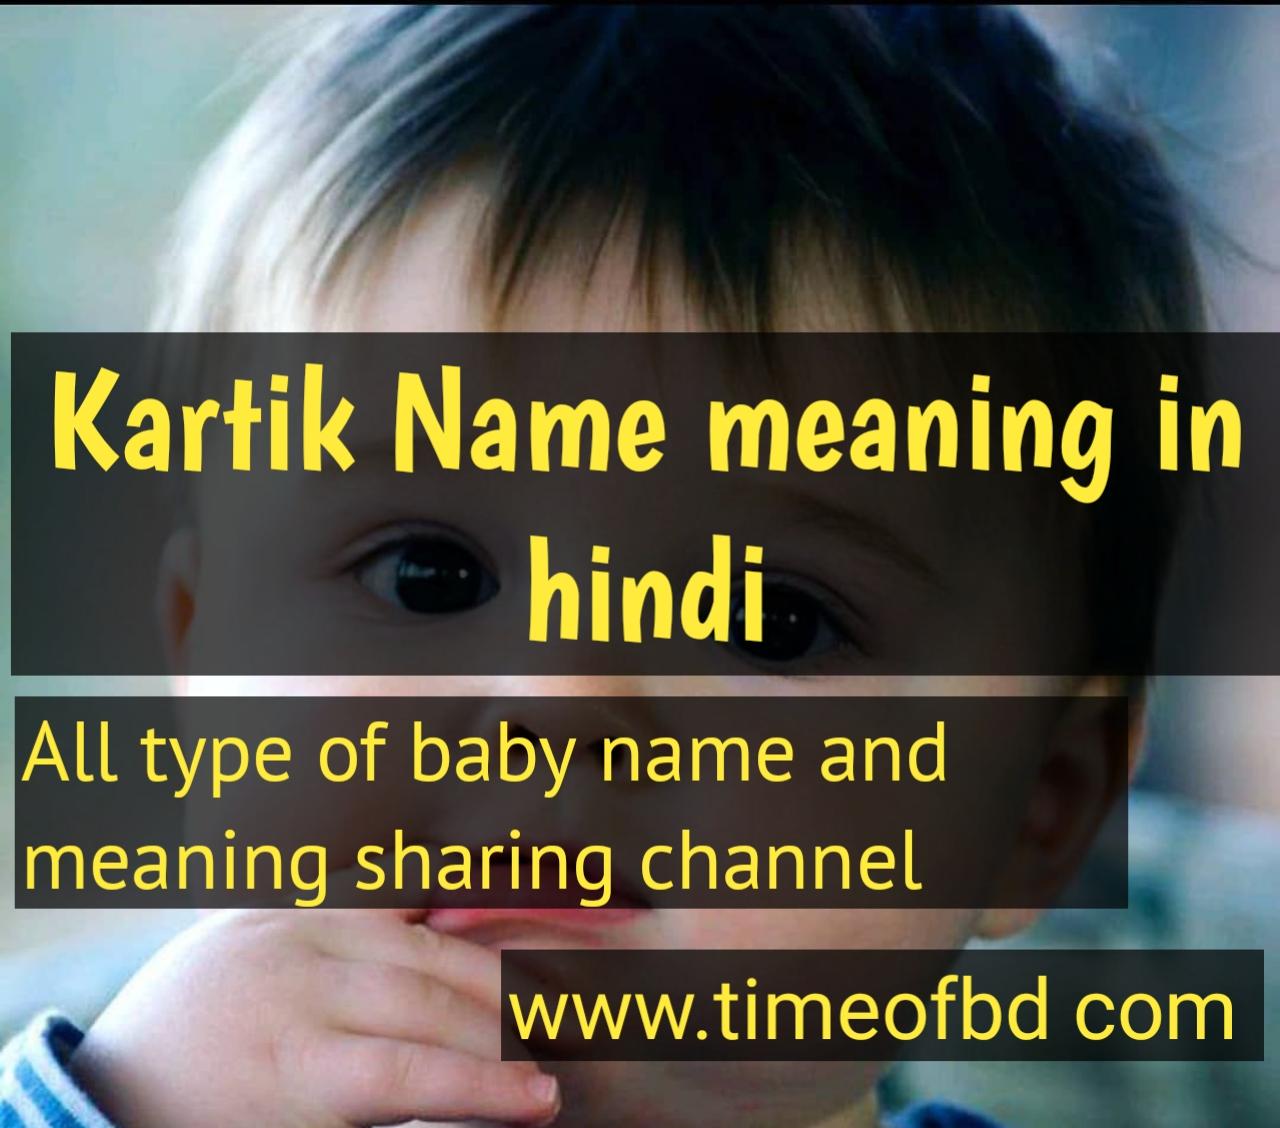 kartik name meaning in hindi, kartik ka meaning ,kartik meaning in hindi dictioanry,meaning of kartik in hindi